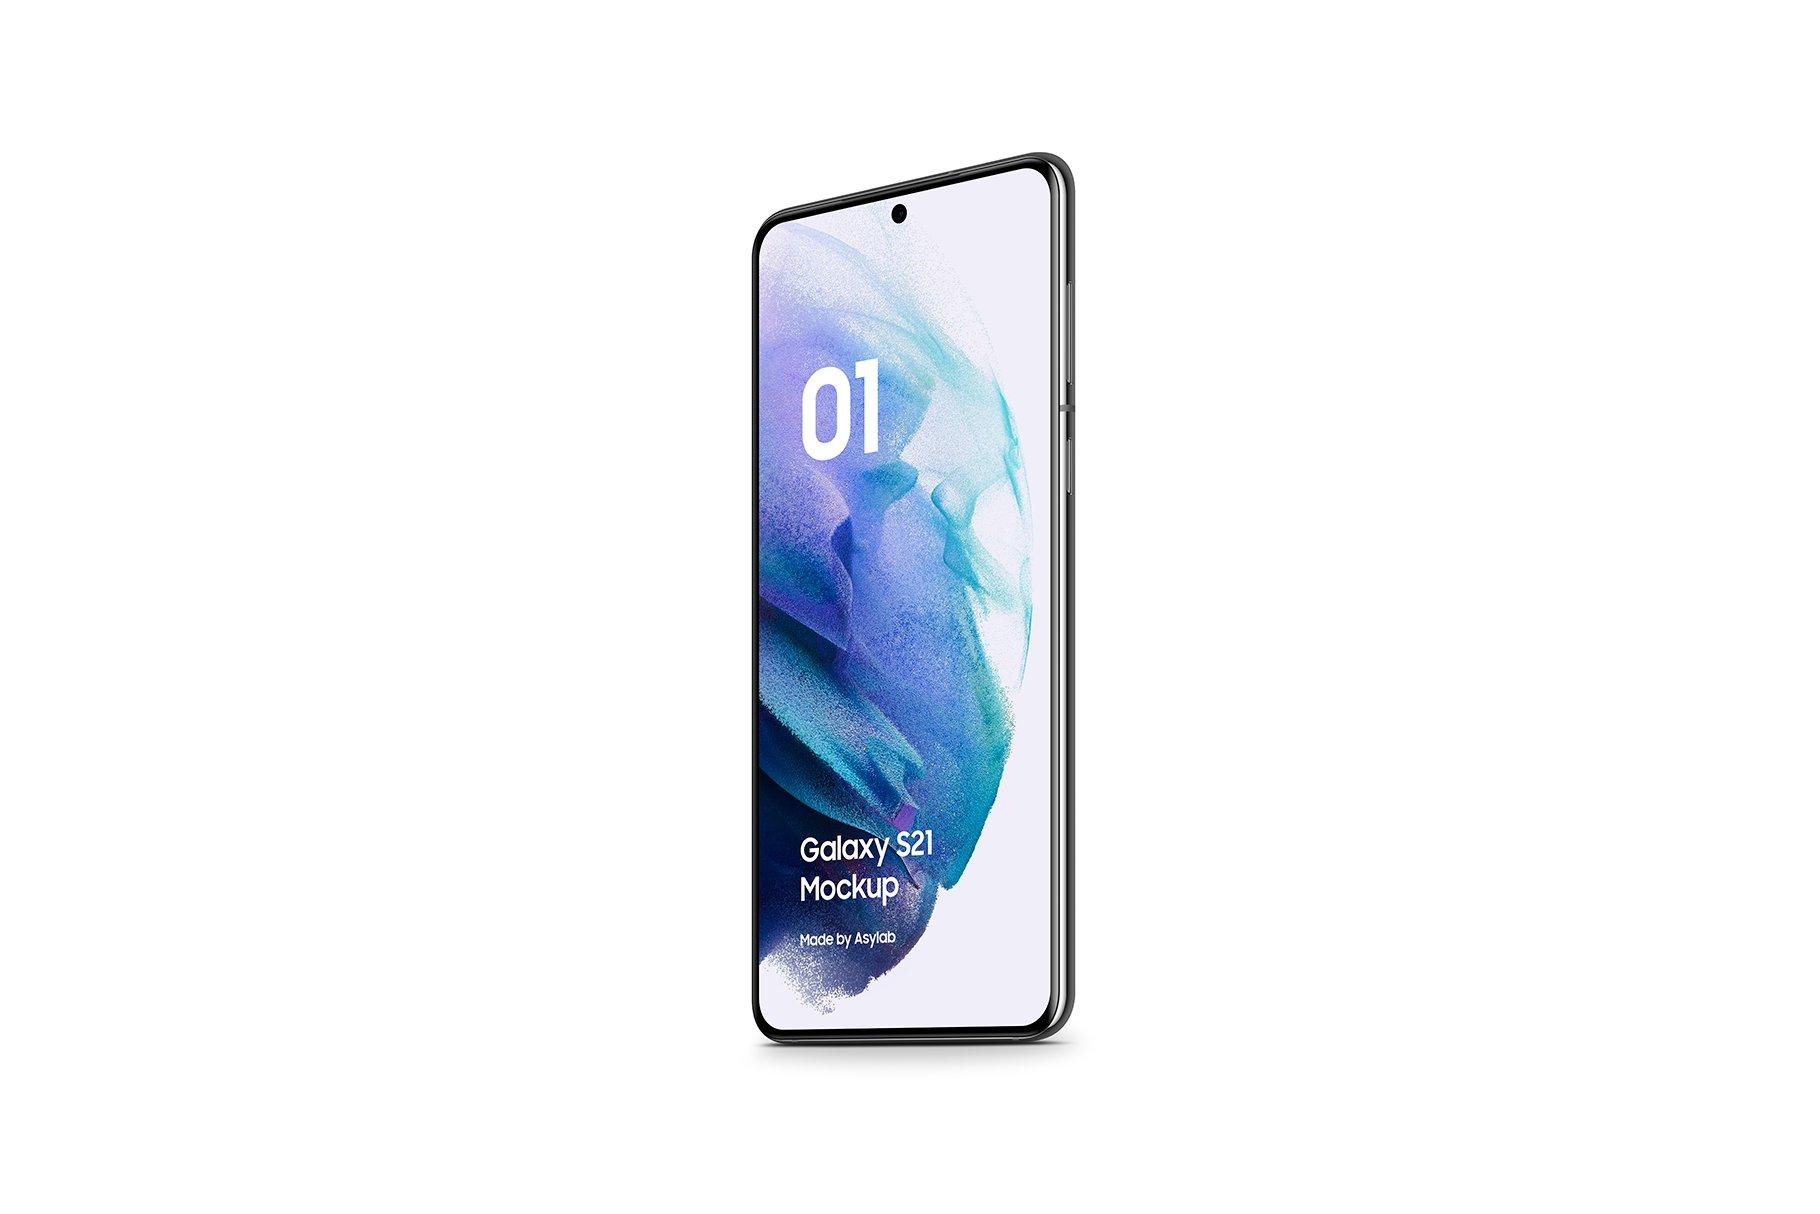 [单独购买] 20款三星Galaxy S21手机网站APP界面设计演示样机模板套件 Galaxy S21 – 20 Mockups Scenes插图22